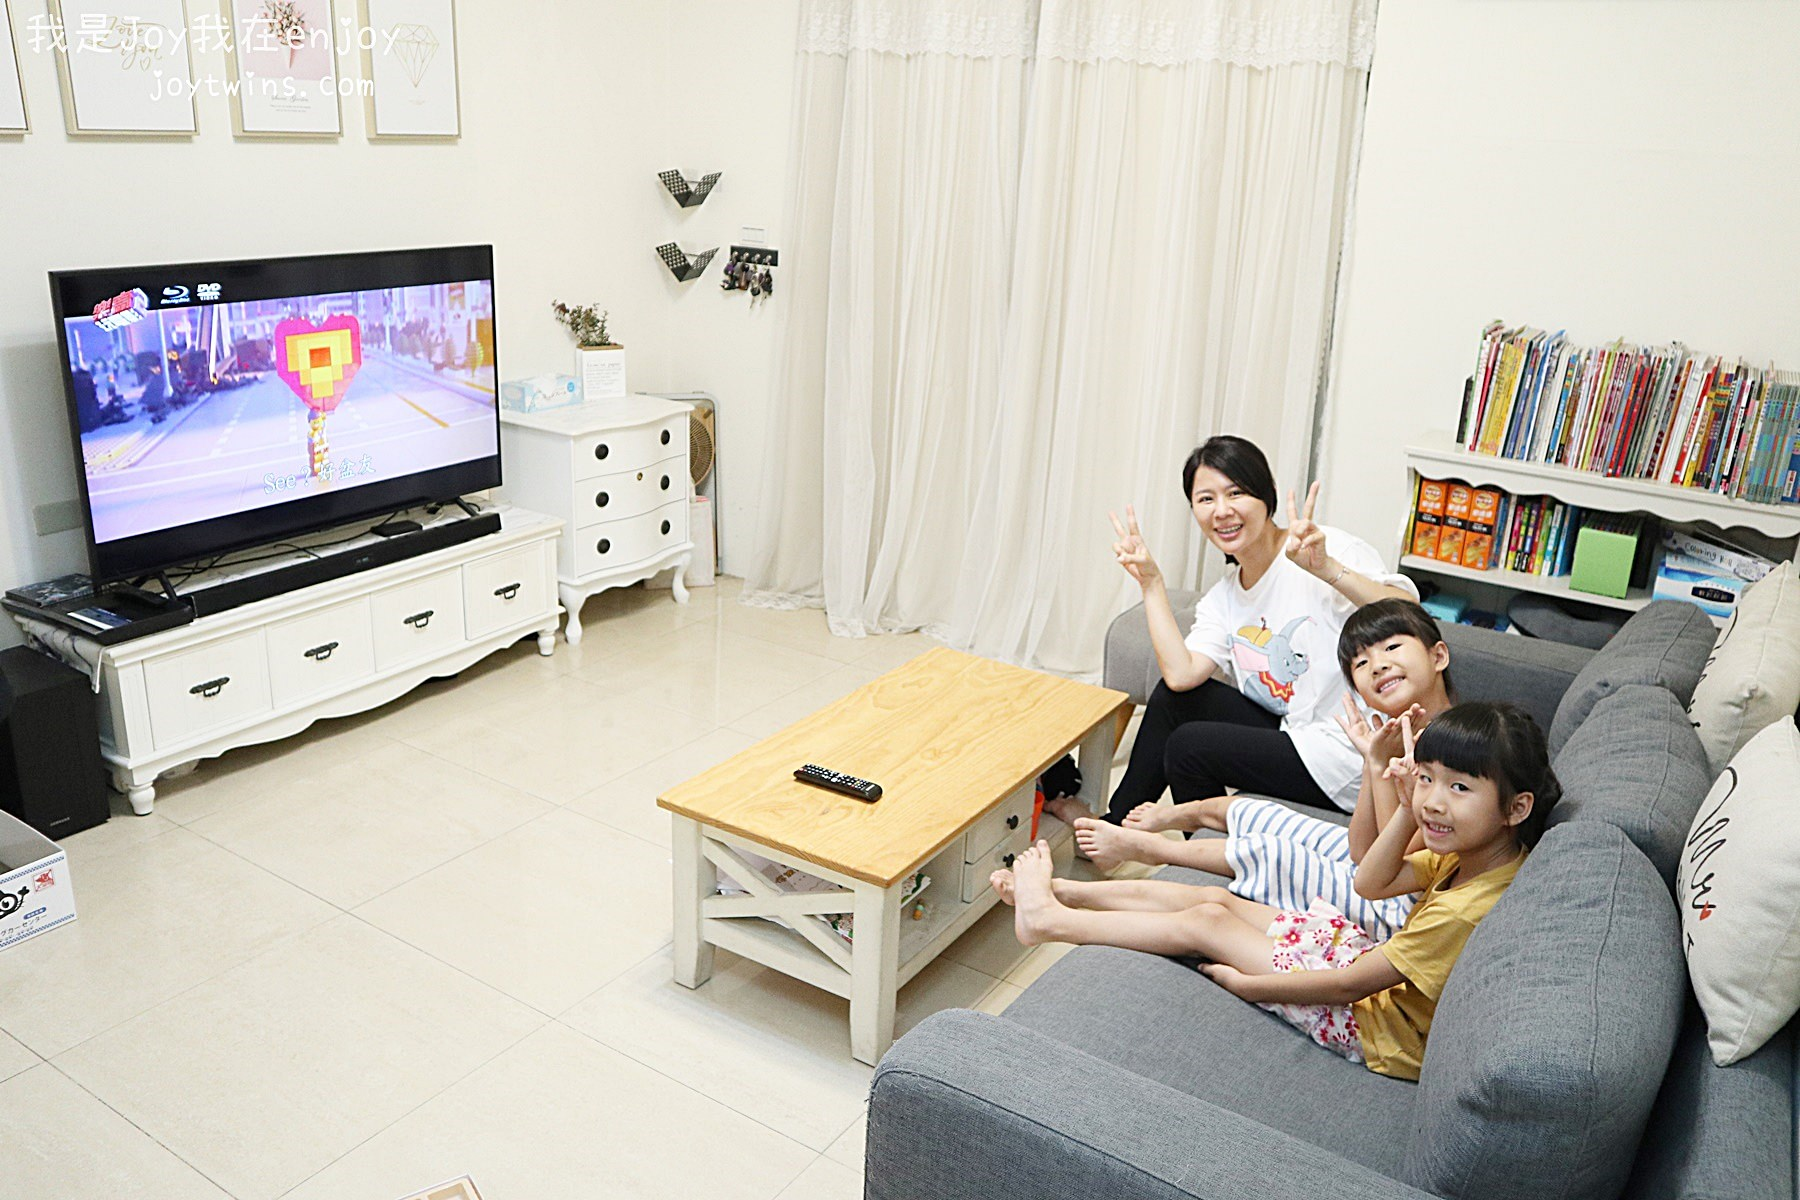 Samsung 三星 4K UHD電視RU7100超好入手的價格 瞬間提升生活美學 家中劇院必備